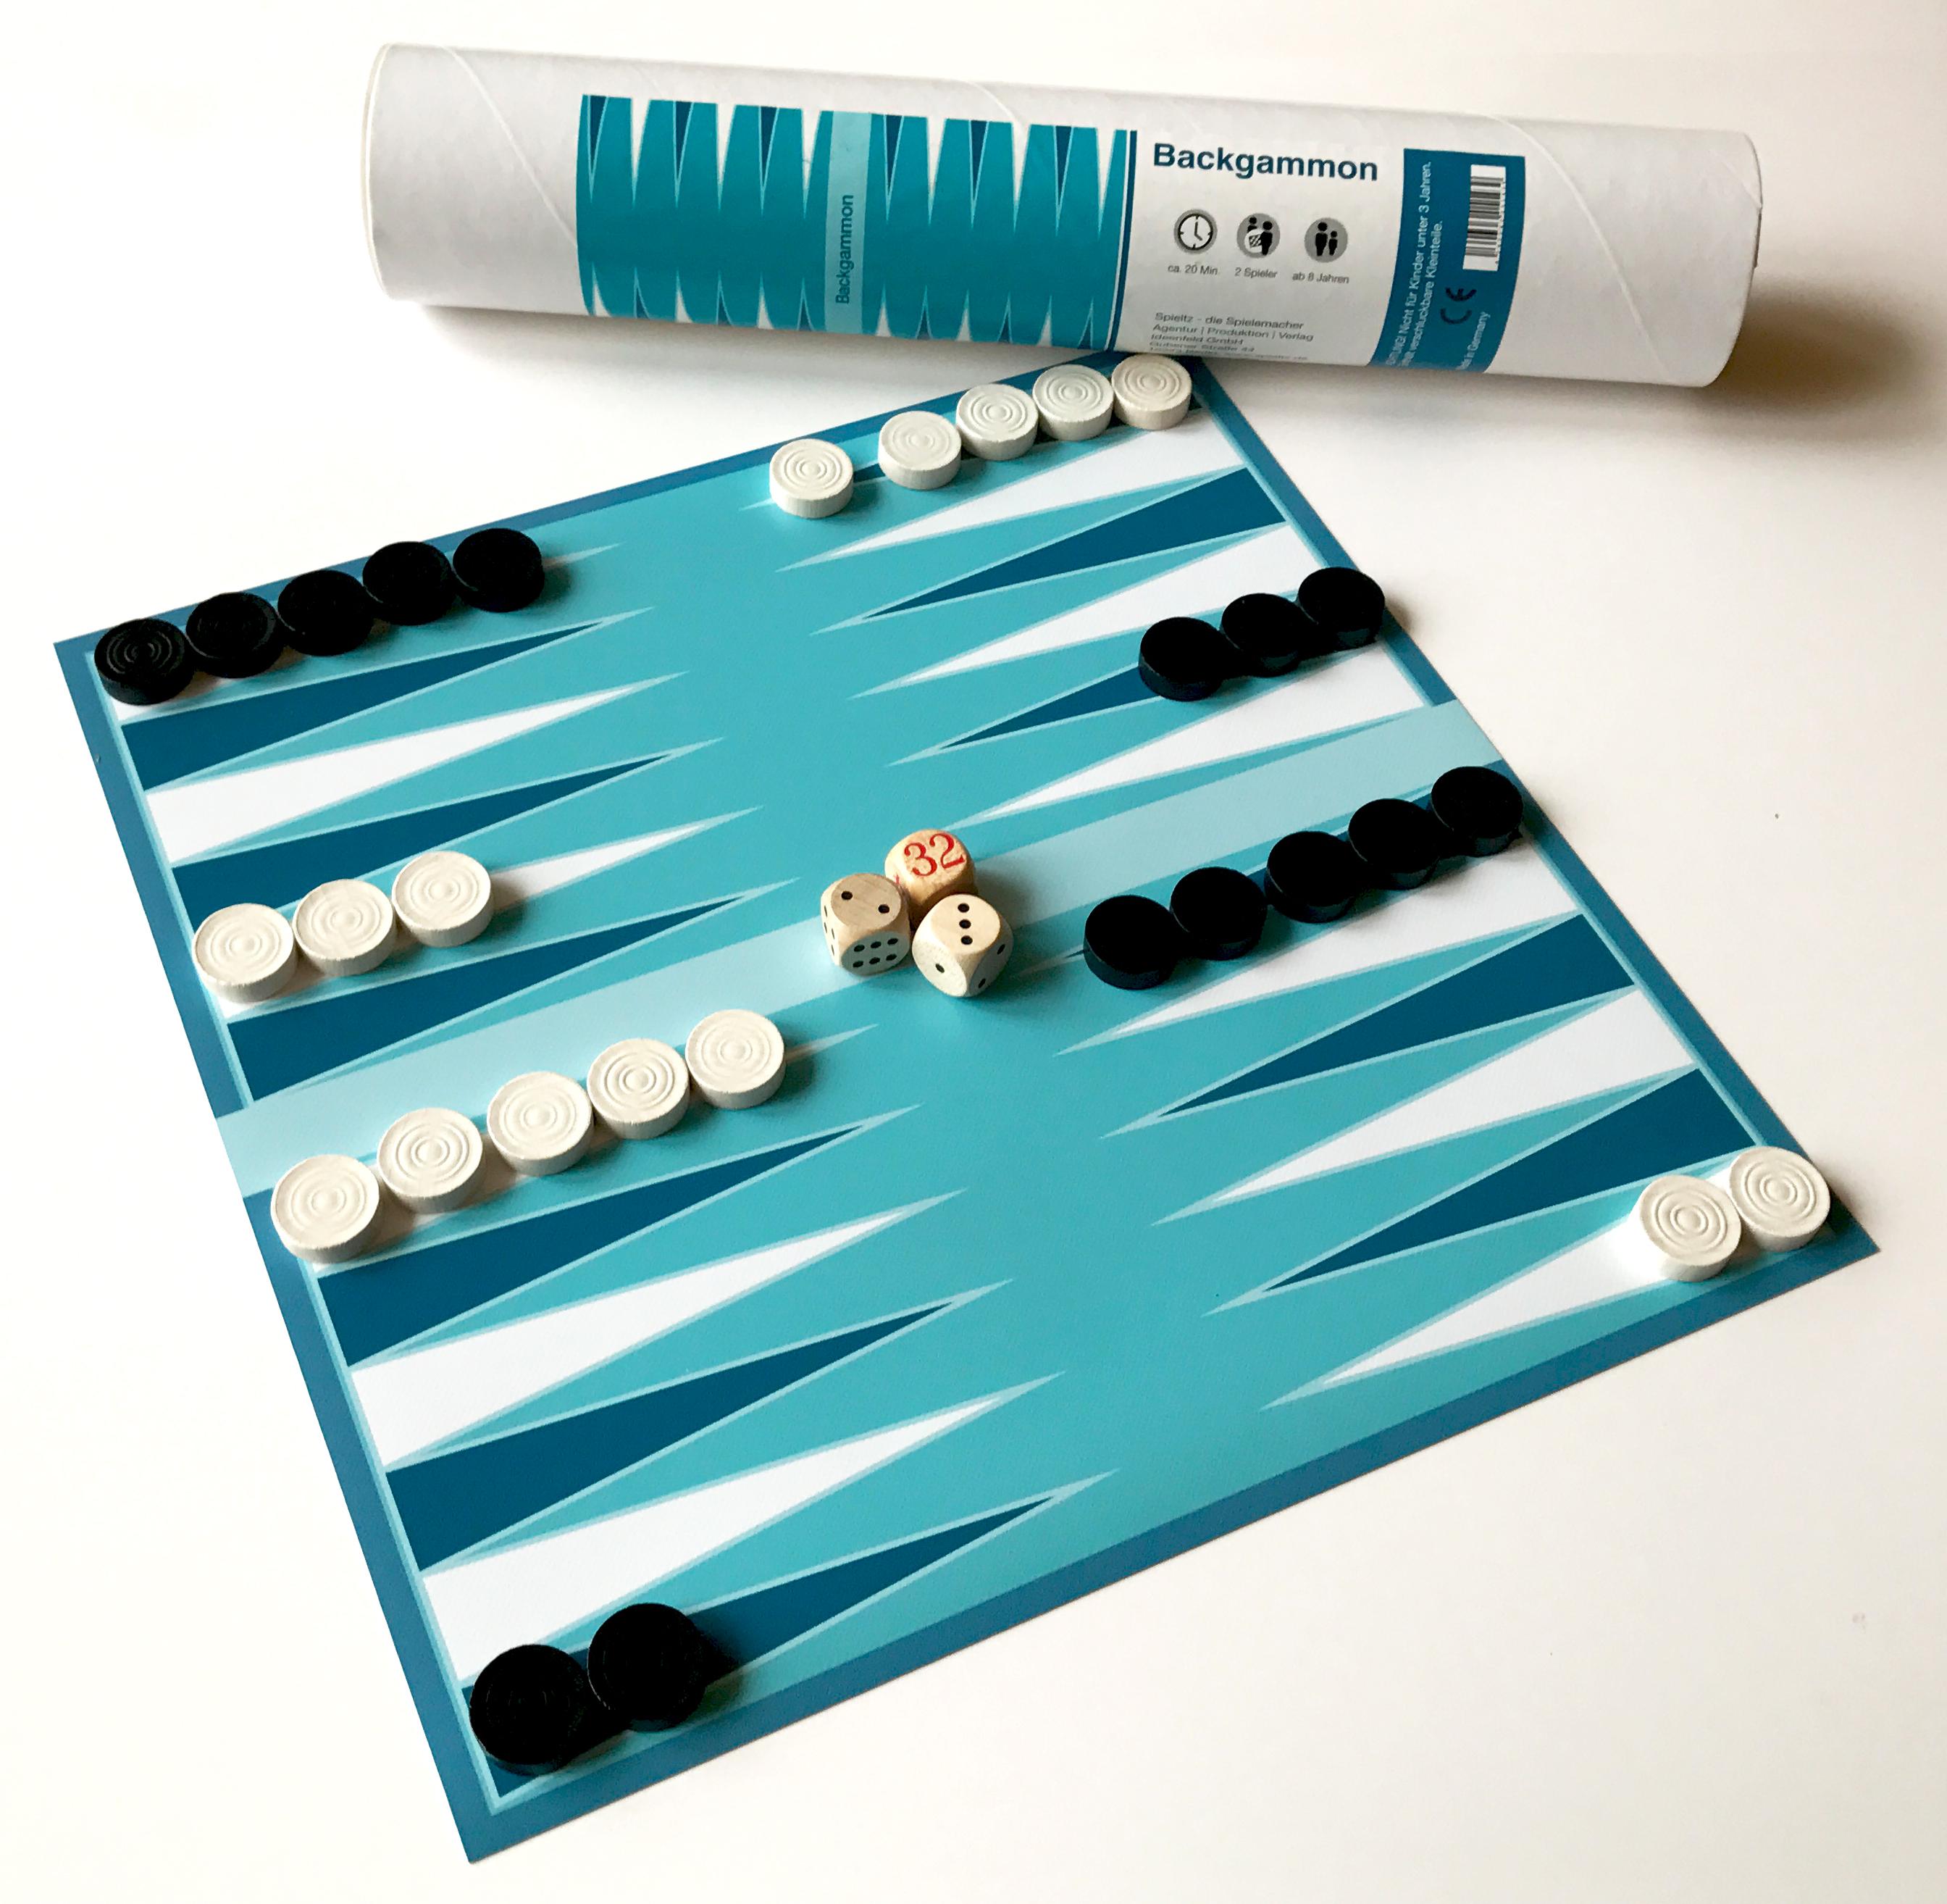 backgammon-blau-türkis-mit-rolle-IMG_0860